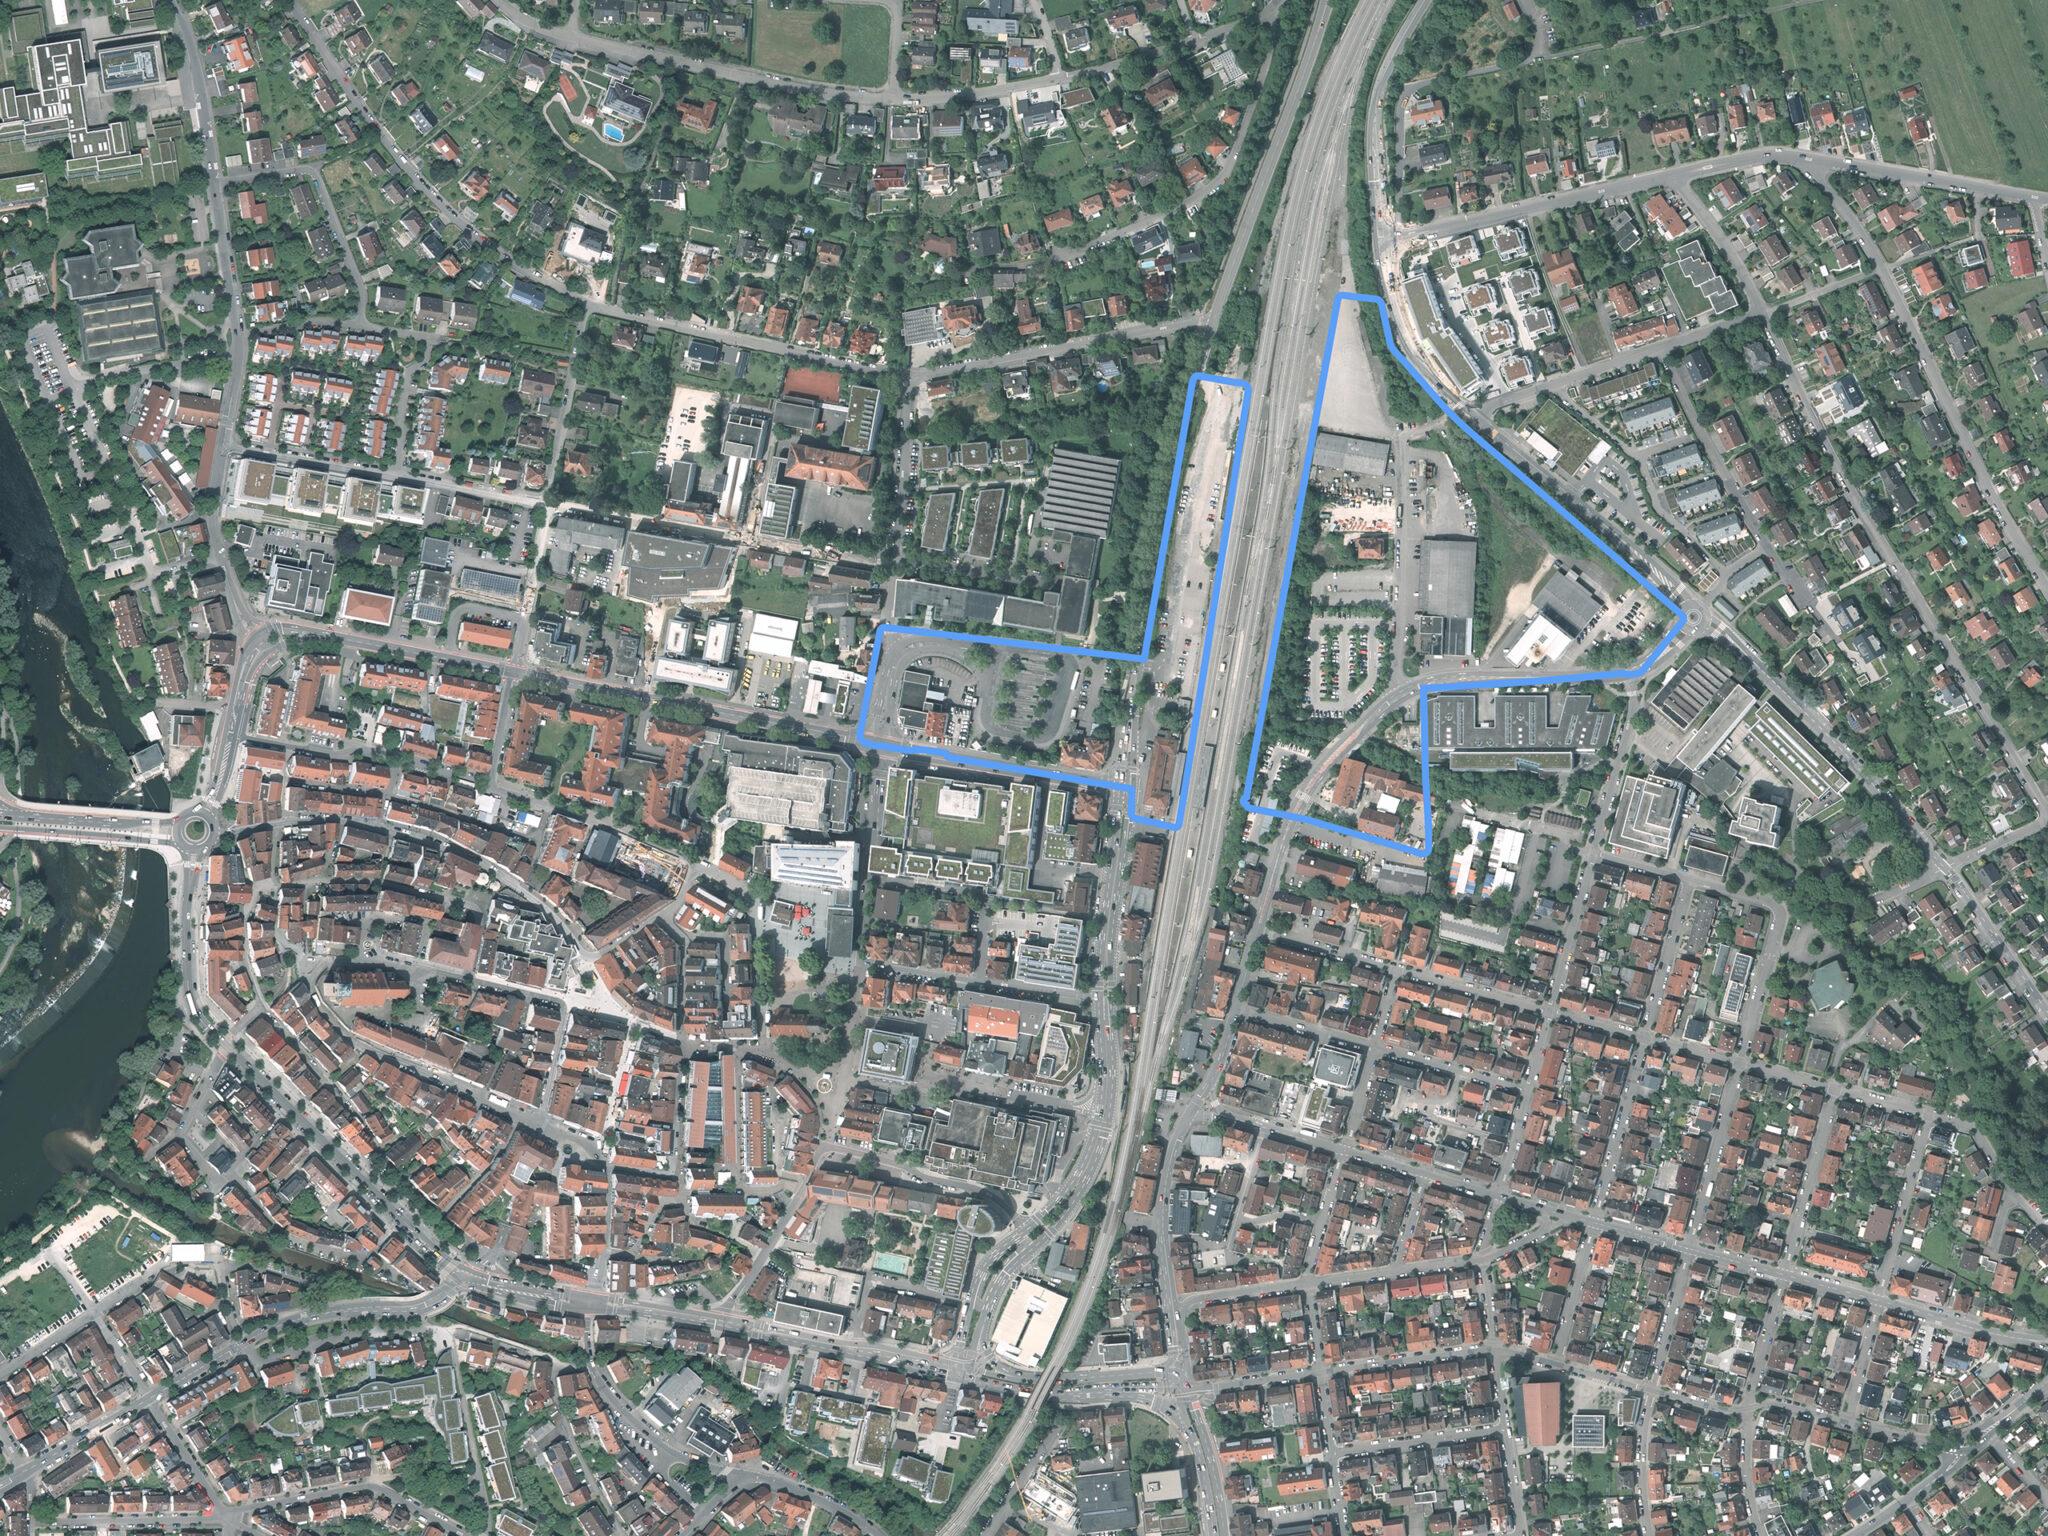 Luftbild Bahnstadt Nürtingen